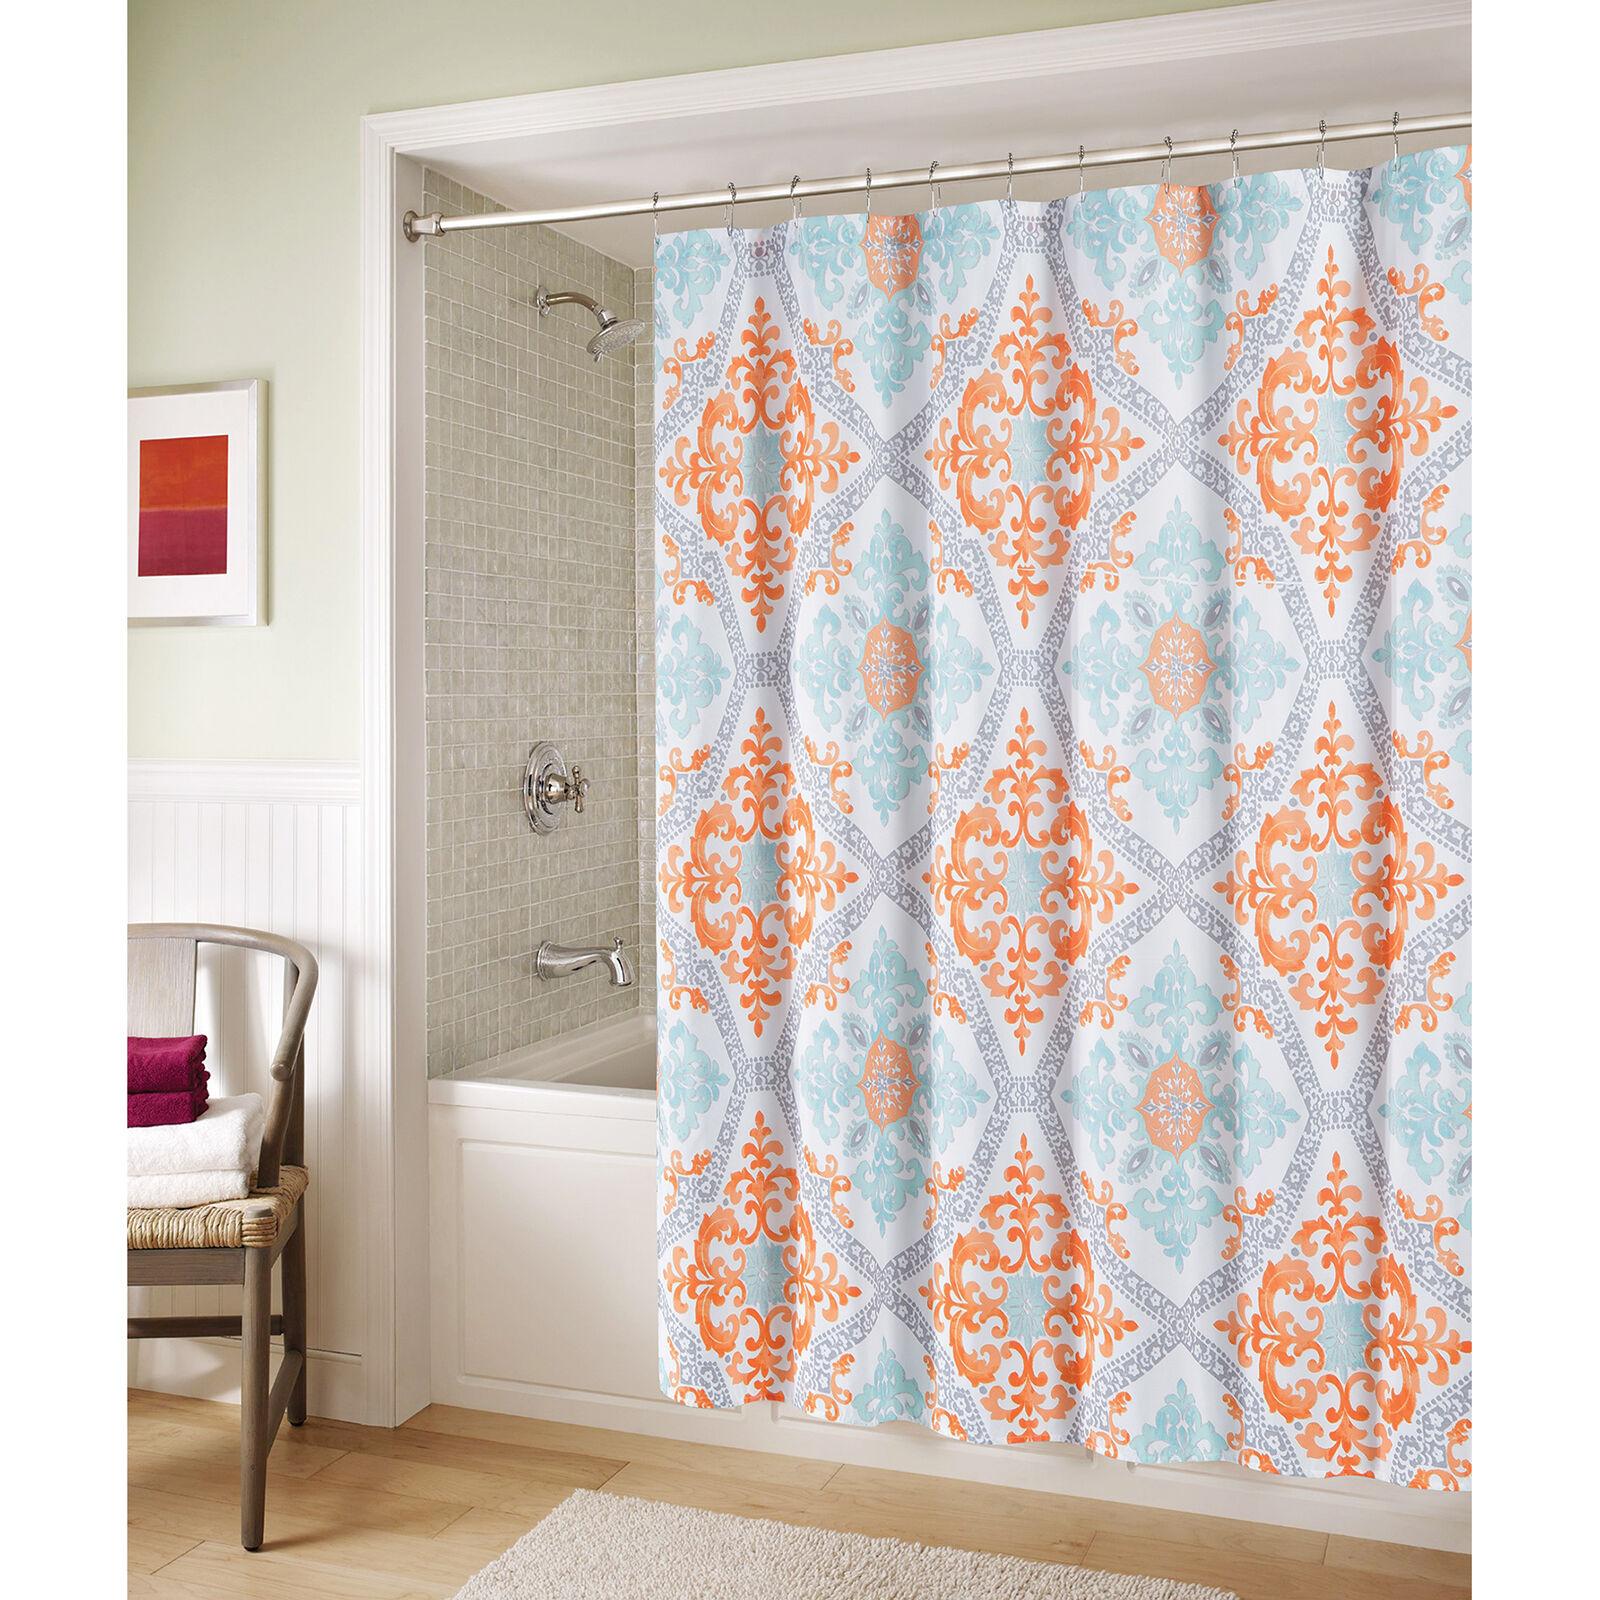 accessories bathroom curtain in orange